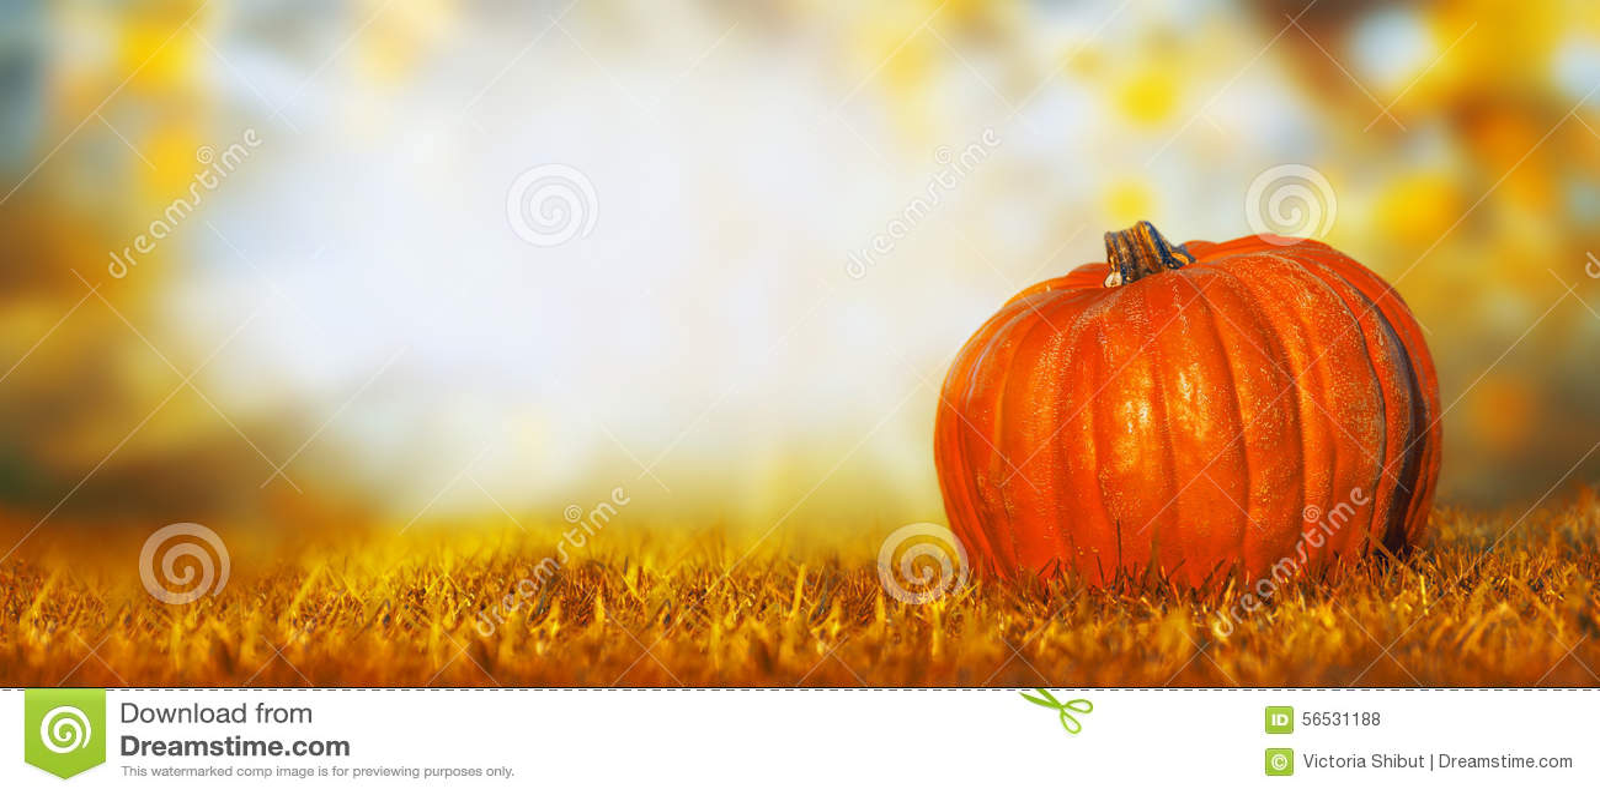 Calabaza grande en césped sobre el fondo de la naturaleza del otoño, bandera